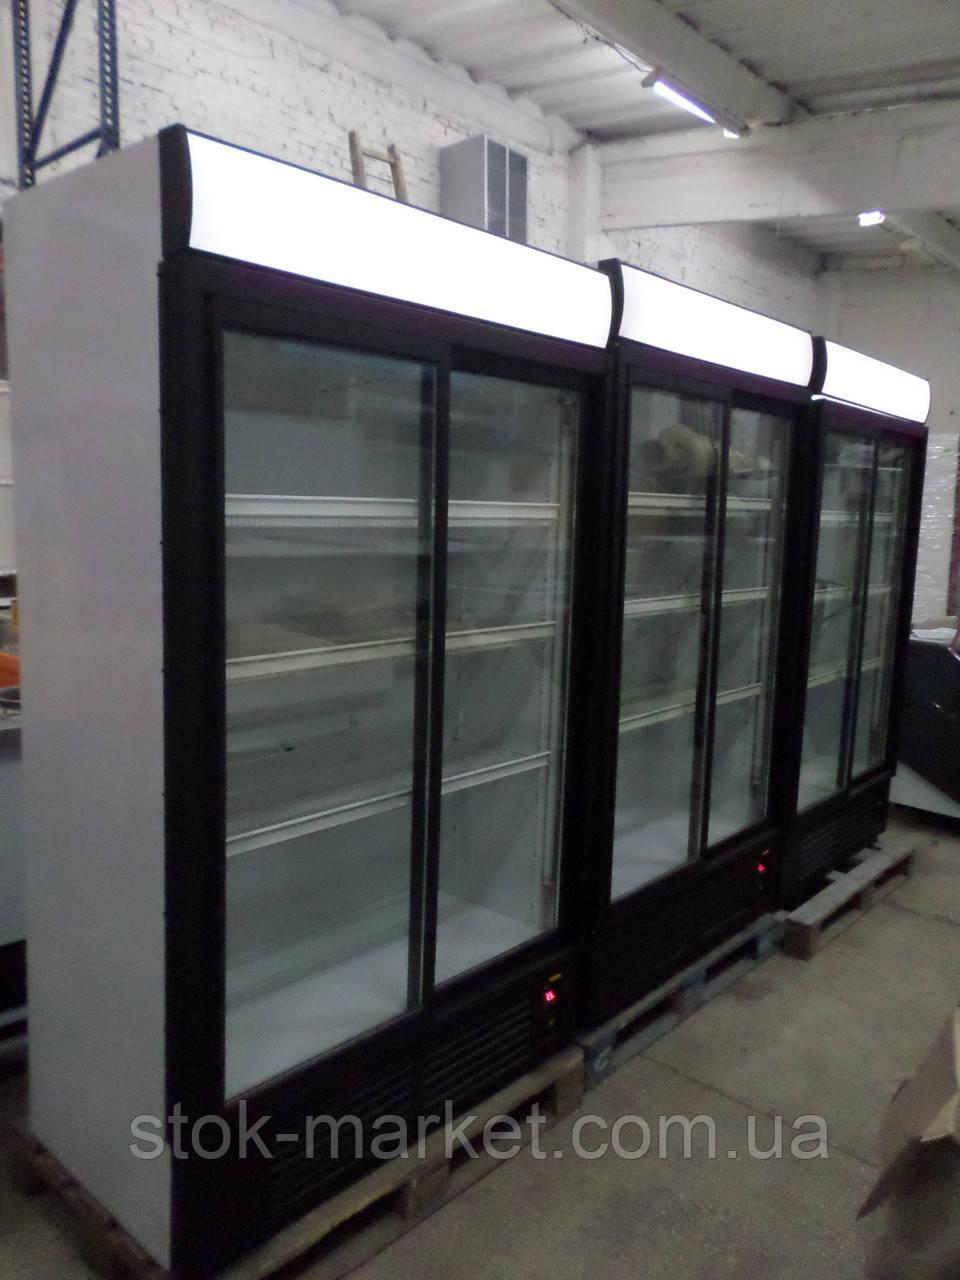 Холодильный шкаф Интер-800 б/у, холодильная камера б у, холодильный шкаф б у, шкафы холодильные б у, шкаф купе